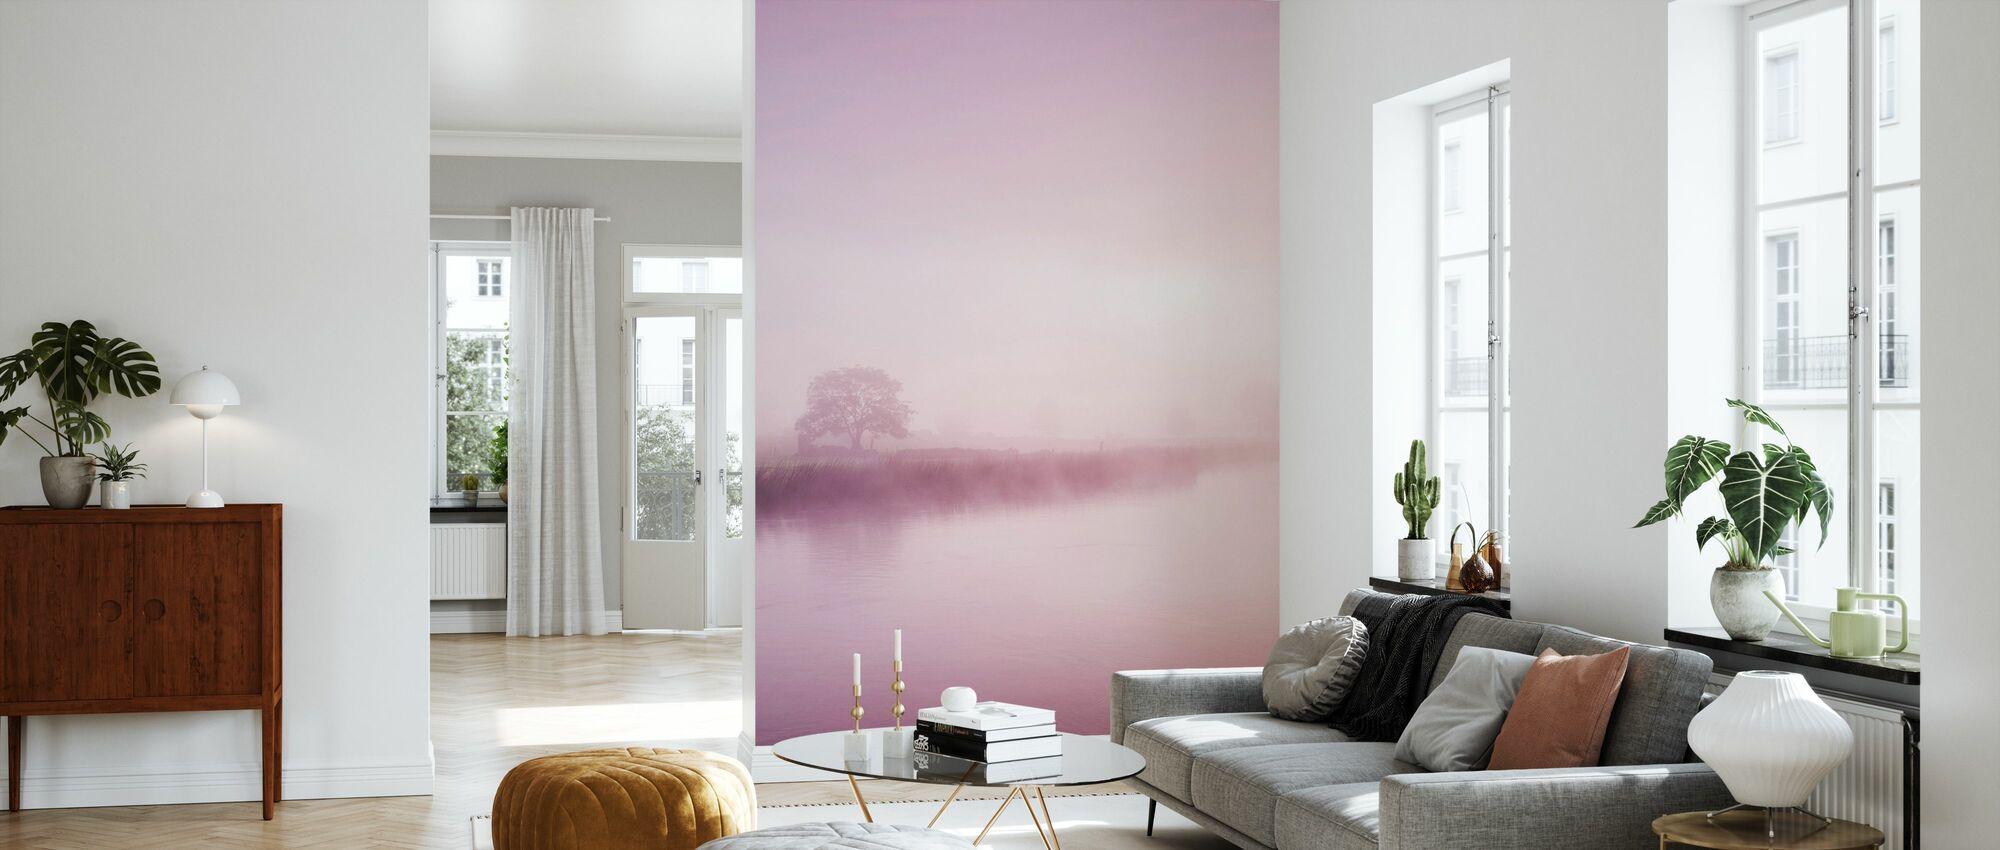 Rose Mist over River Boyne - Wallpaper - Living Room